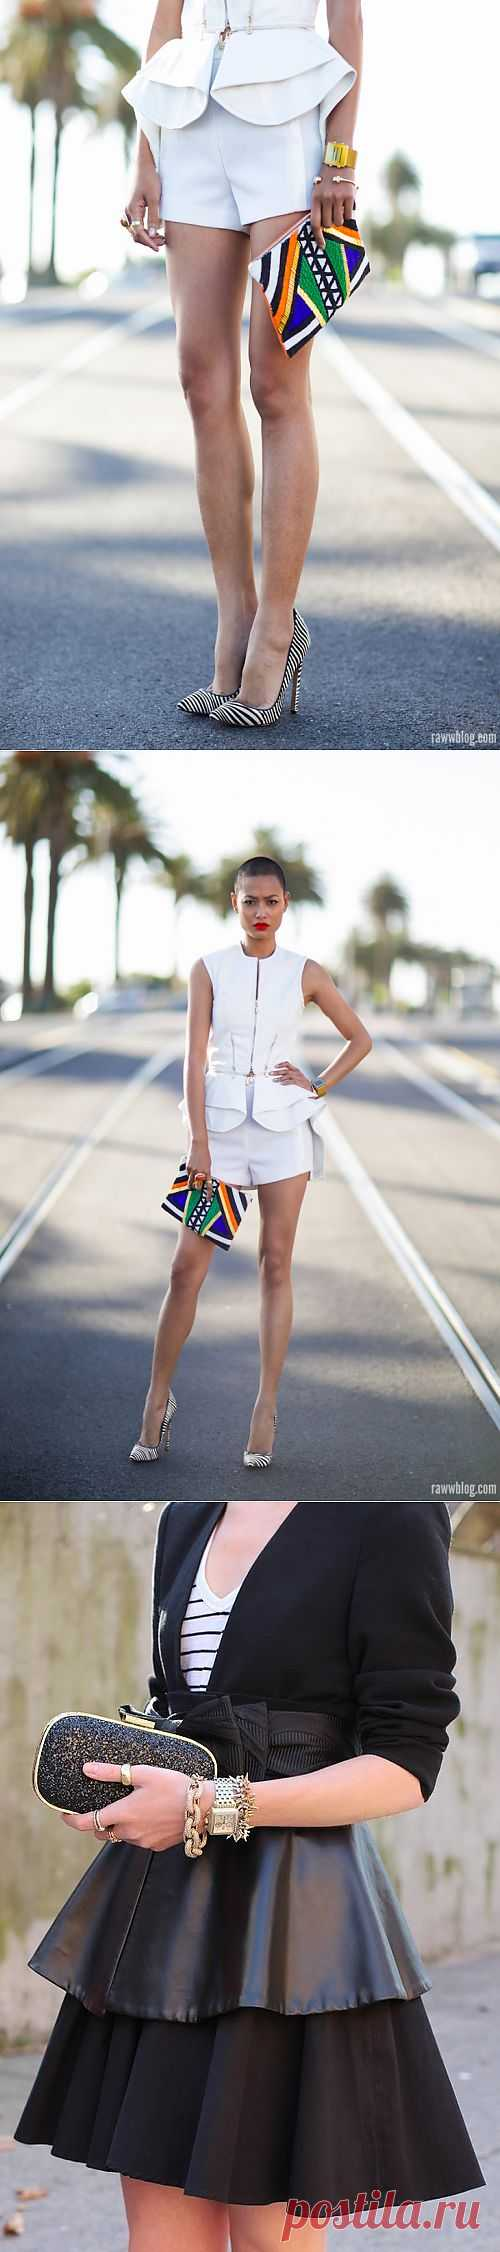 Слой за слоем / Декор / Модный сайт о стильной переделке одежды и интерьера